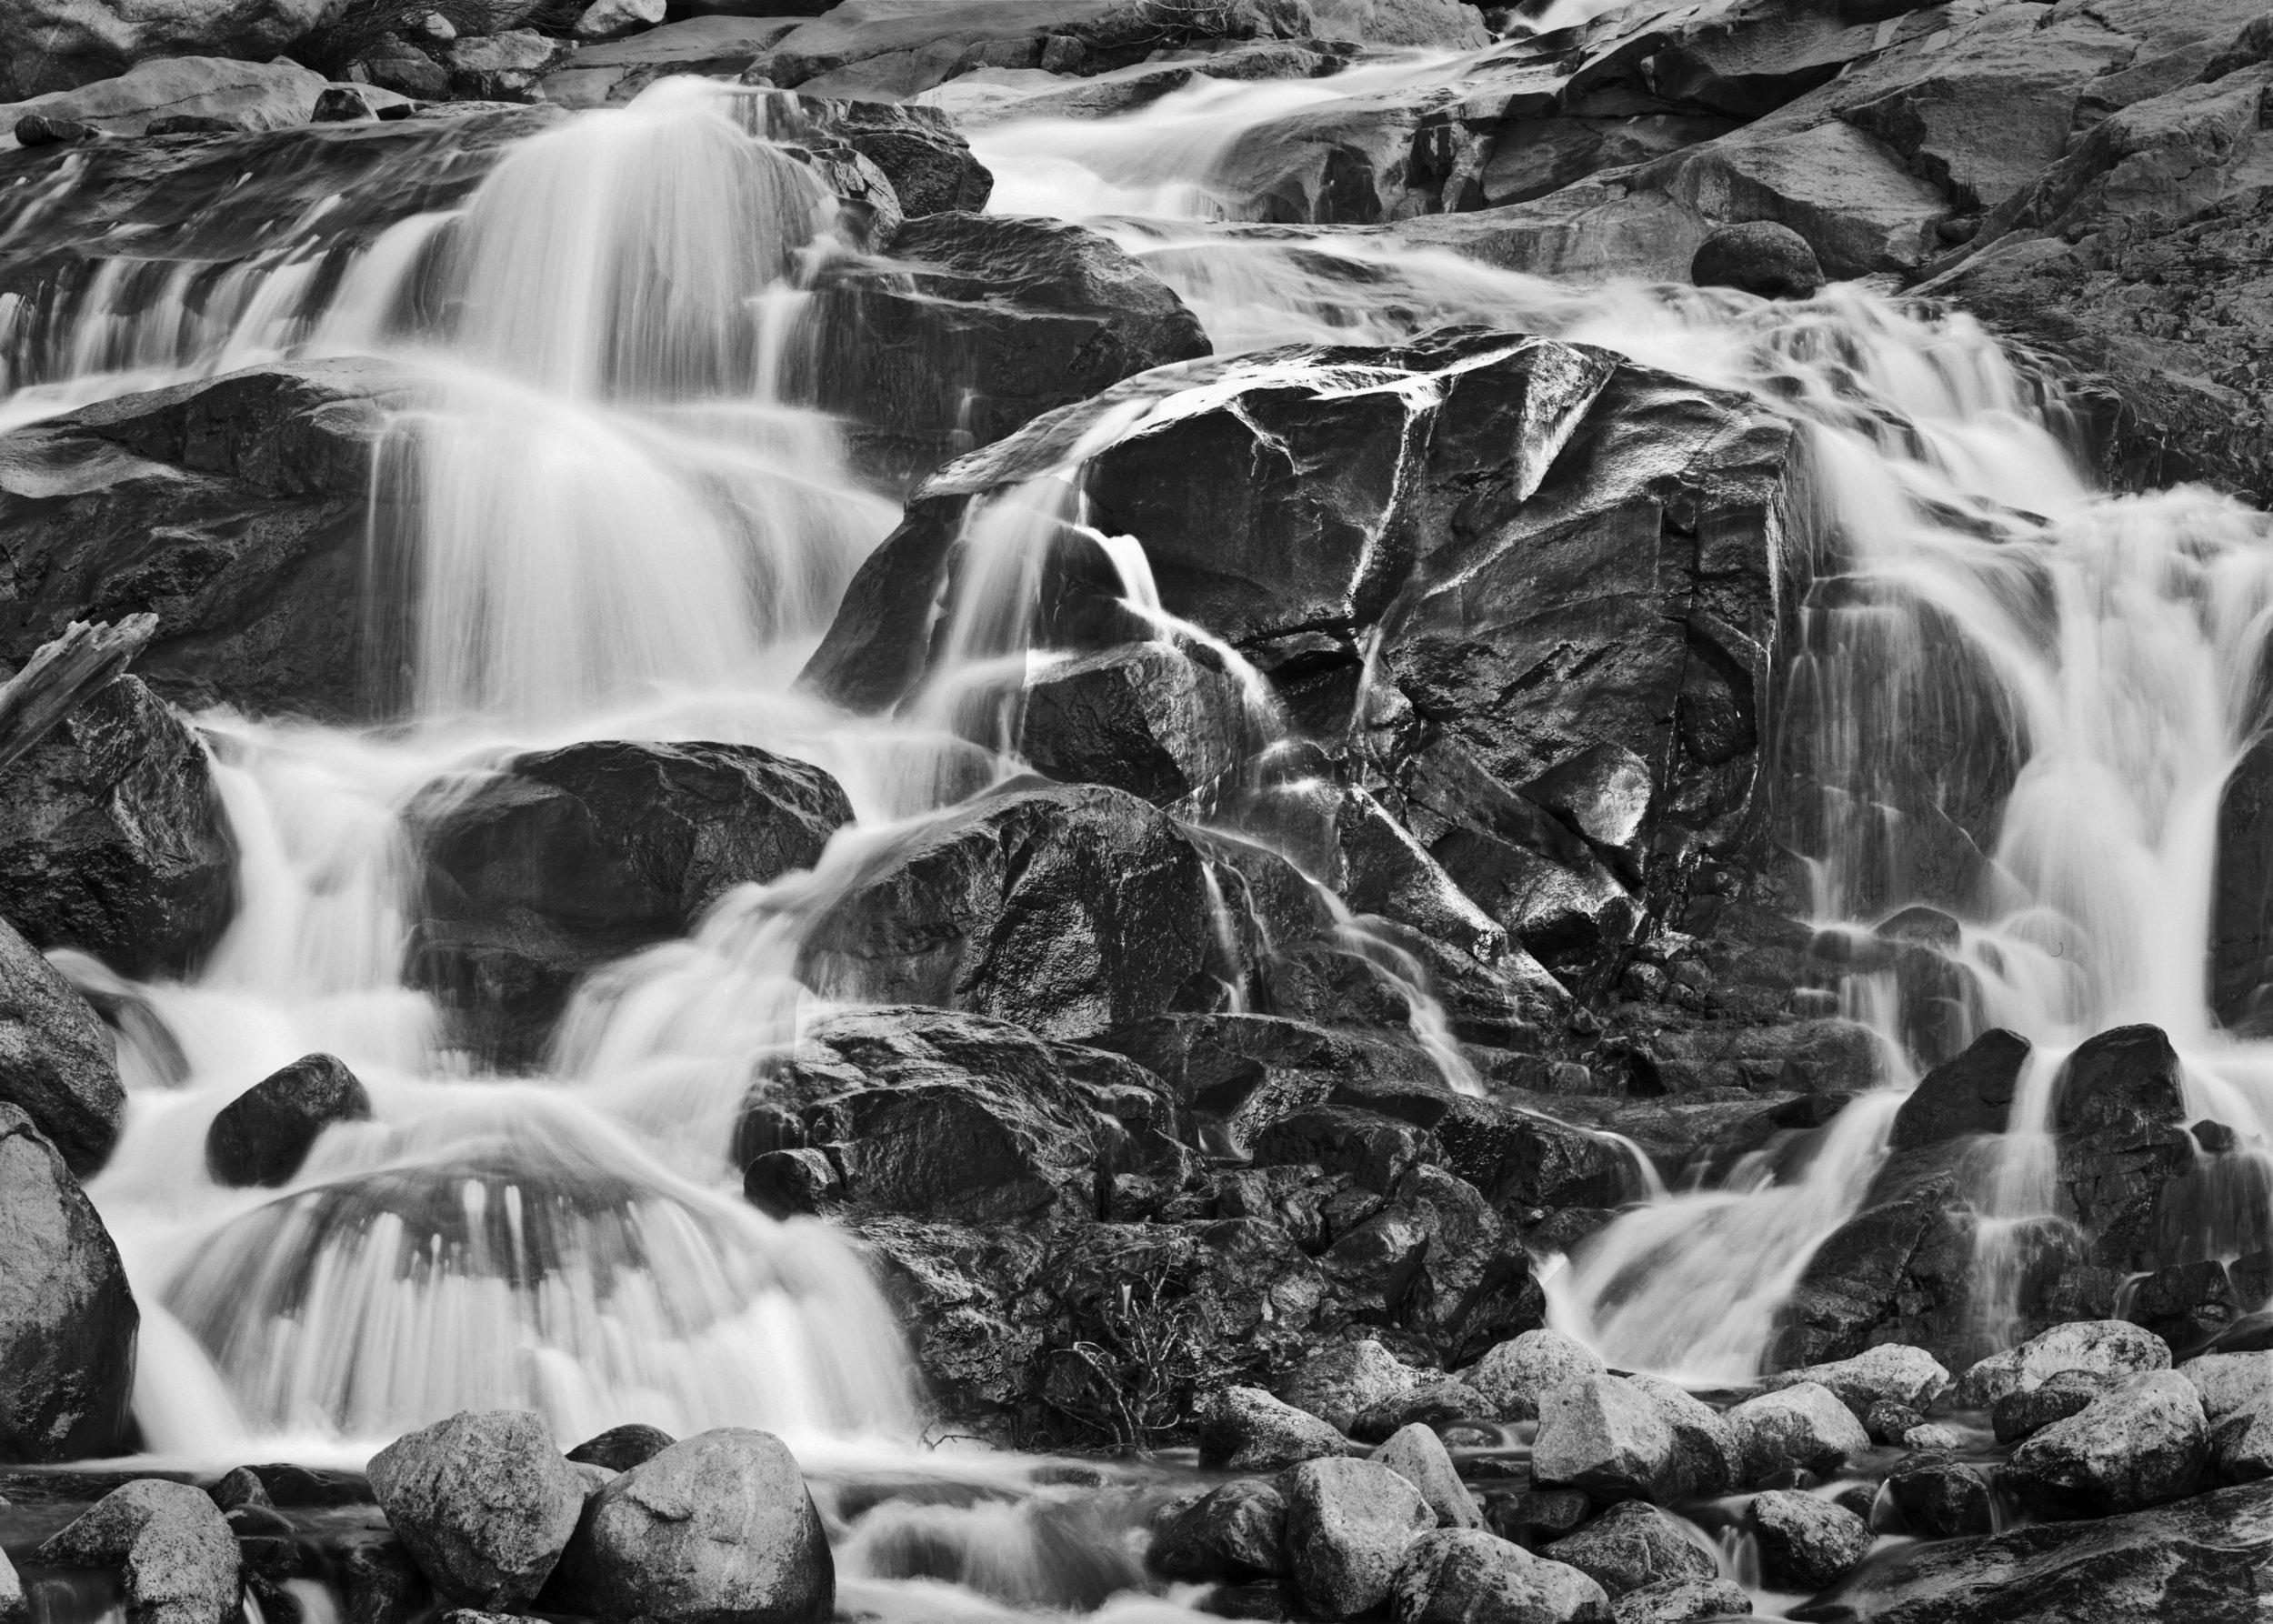 392_Alluvial_Falls.jpg